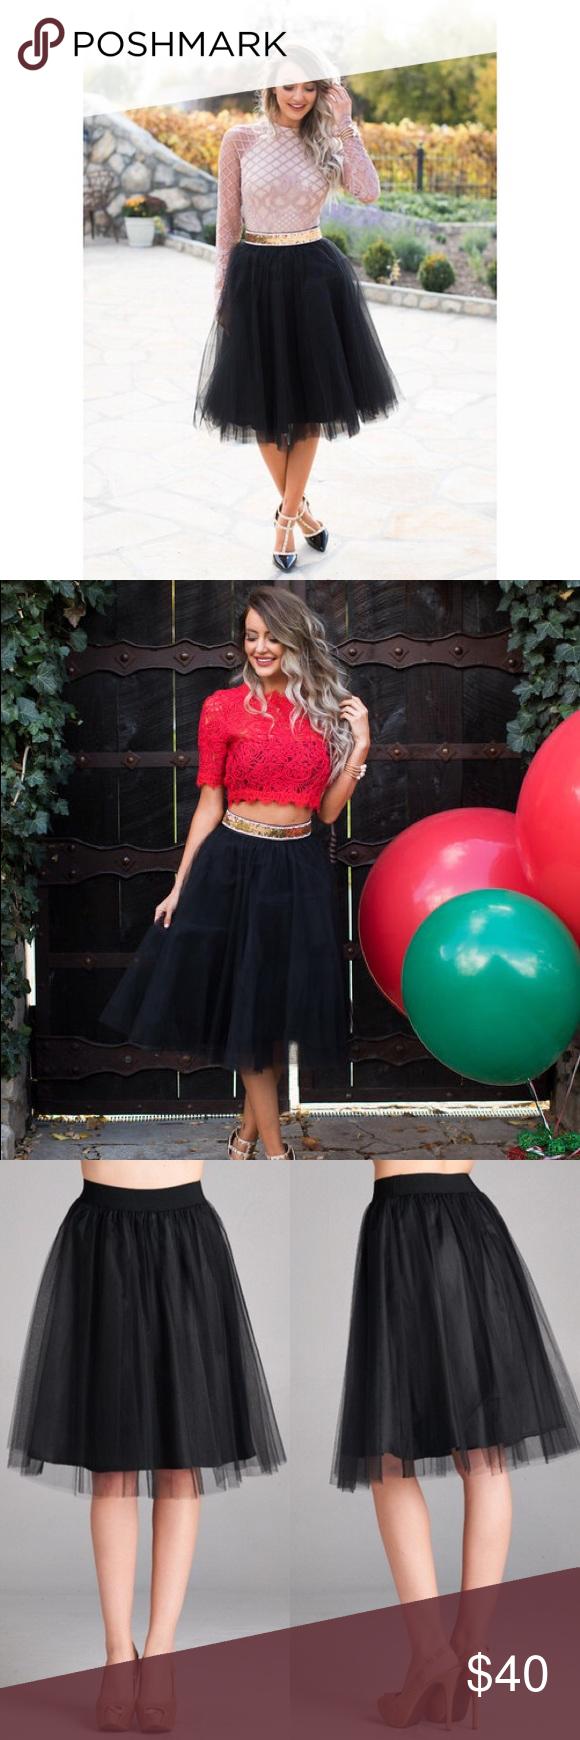 Black Tulle Skirt ELASTIC BAND MESH OVERLAY SKIRT. (SIZE CHART-S) 100% POLYESTER Skirts Midi